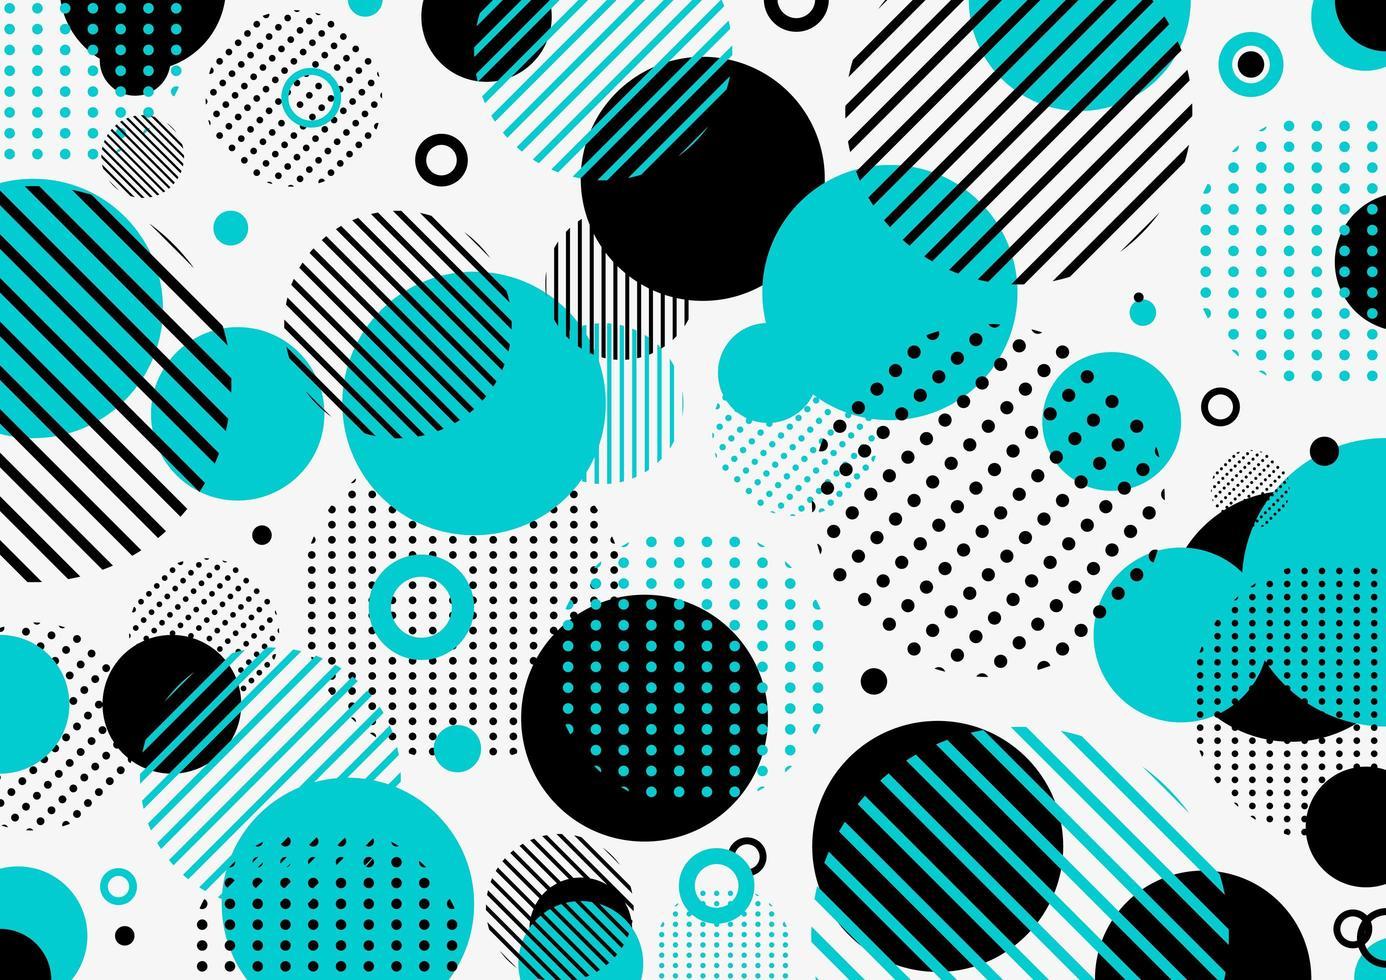 abstrakt retro 80-90-tal mönster blå och svart geometriska cirklar vektor